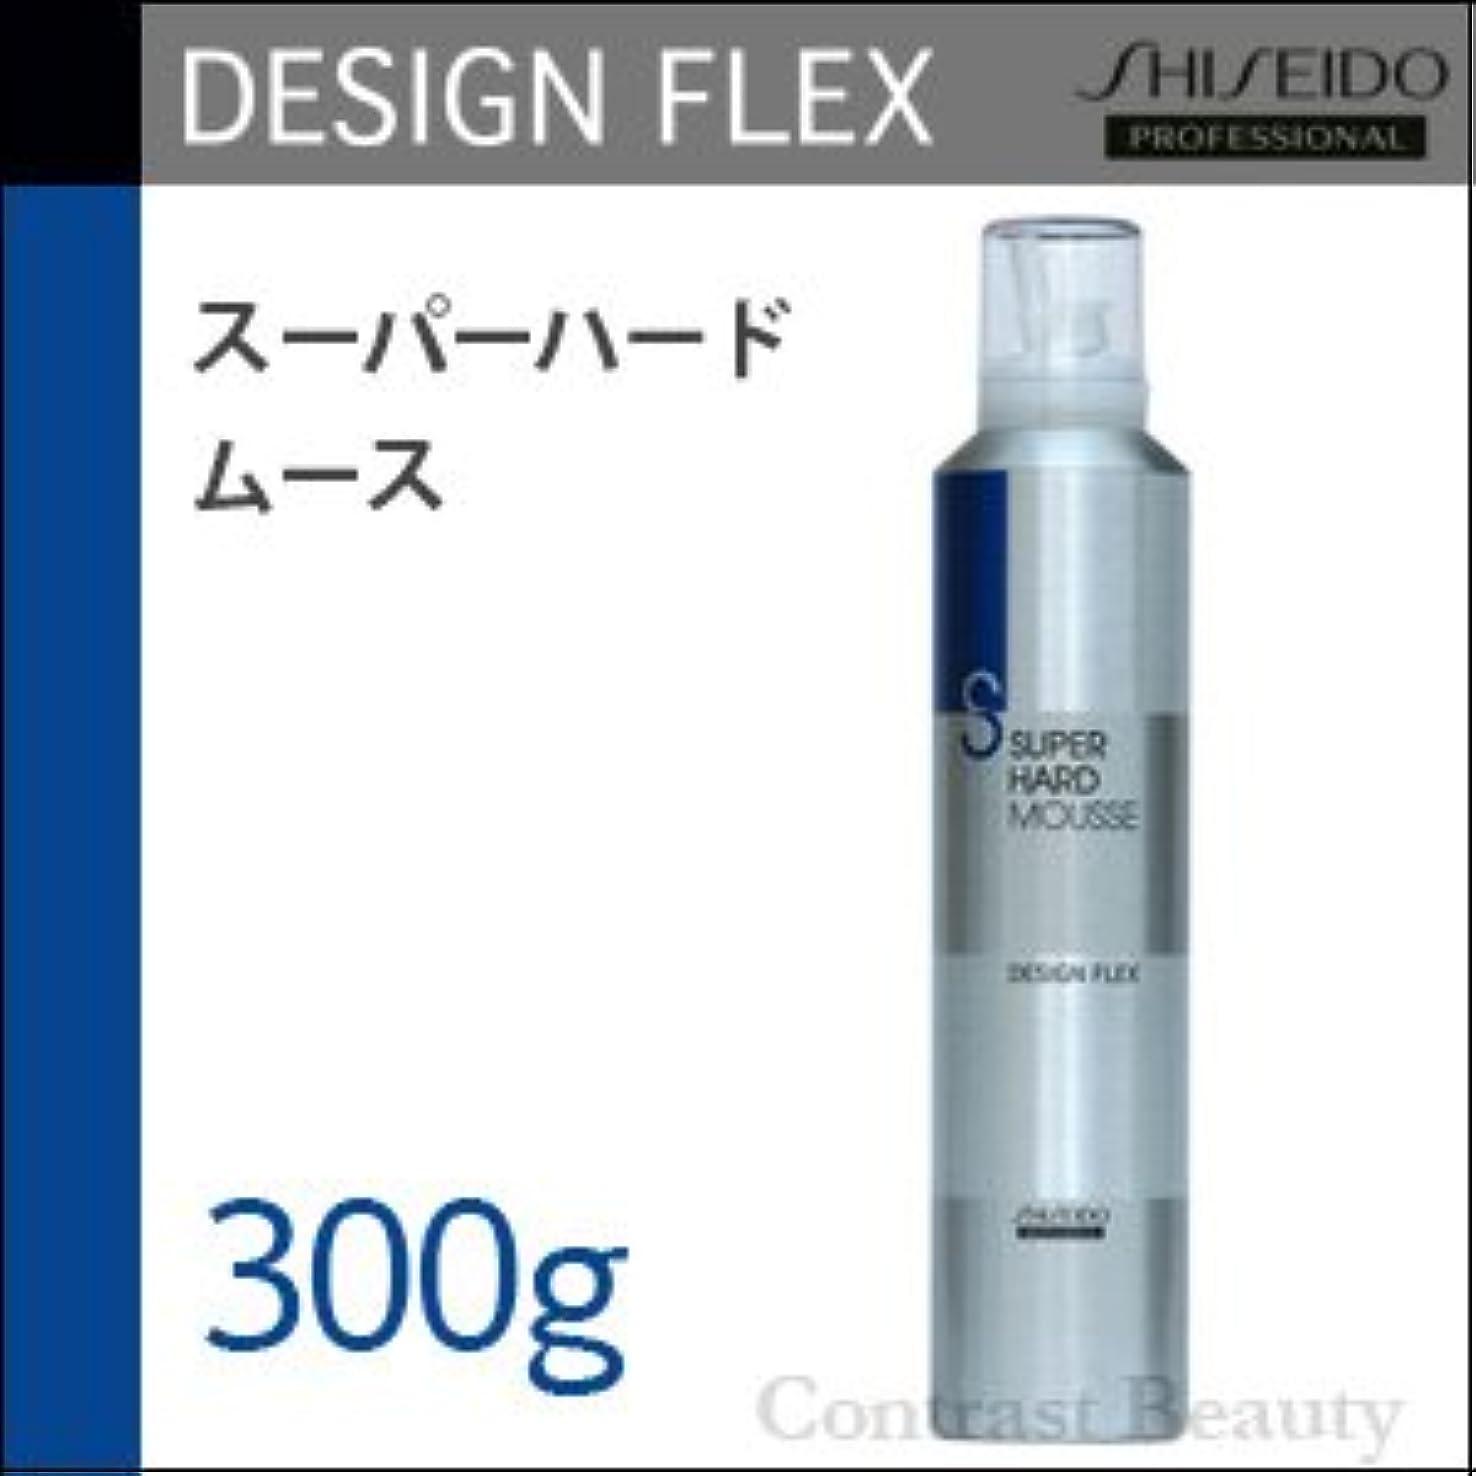 ダイバー場所槍【x3個セット】 資生堂 デザインフレックス スーパーハードムース 300g